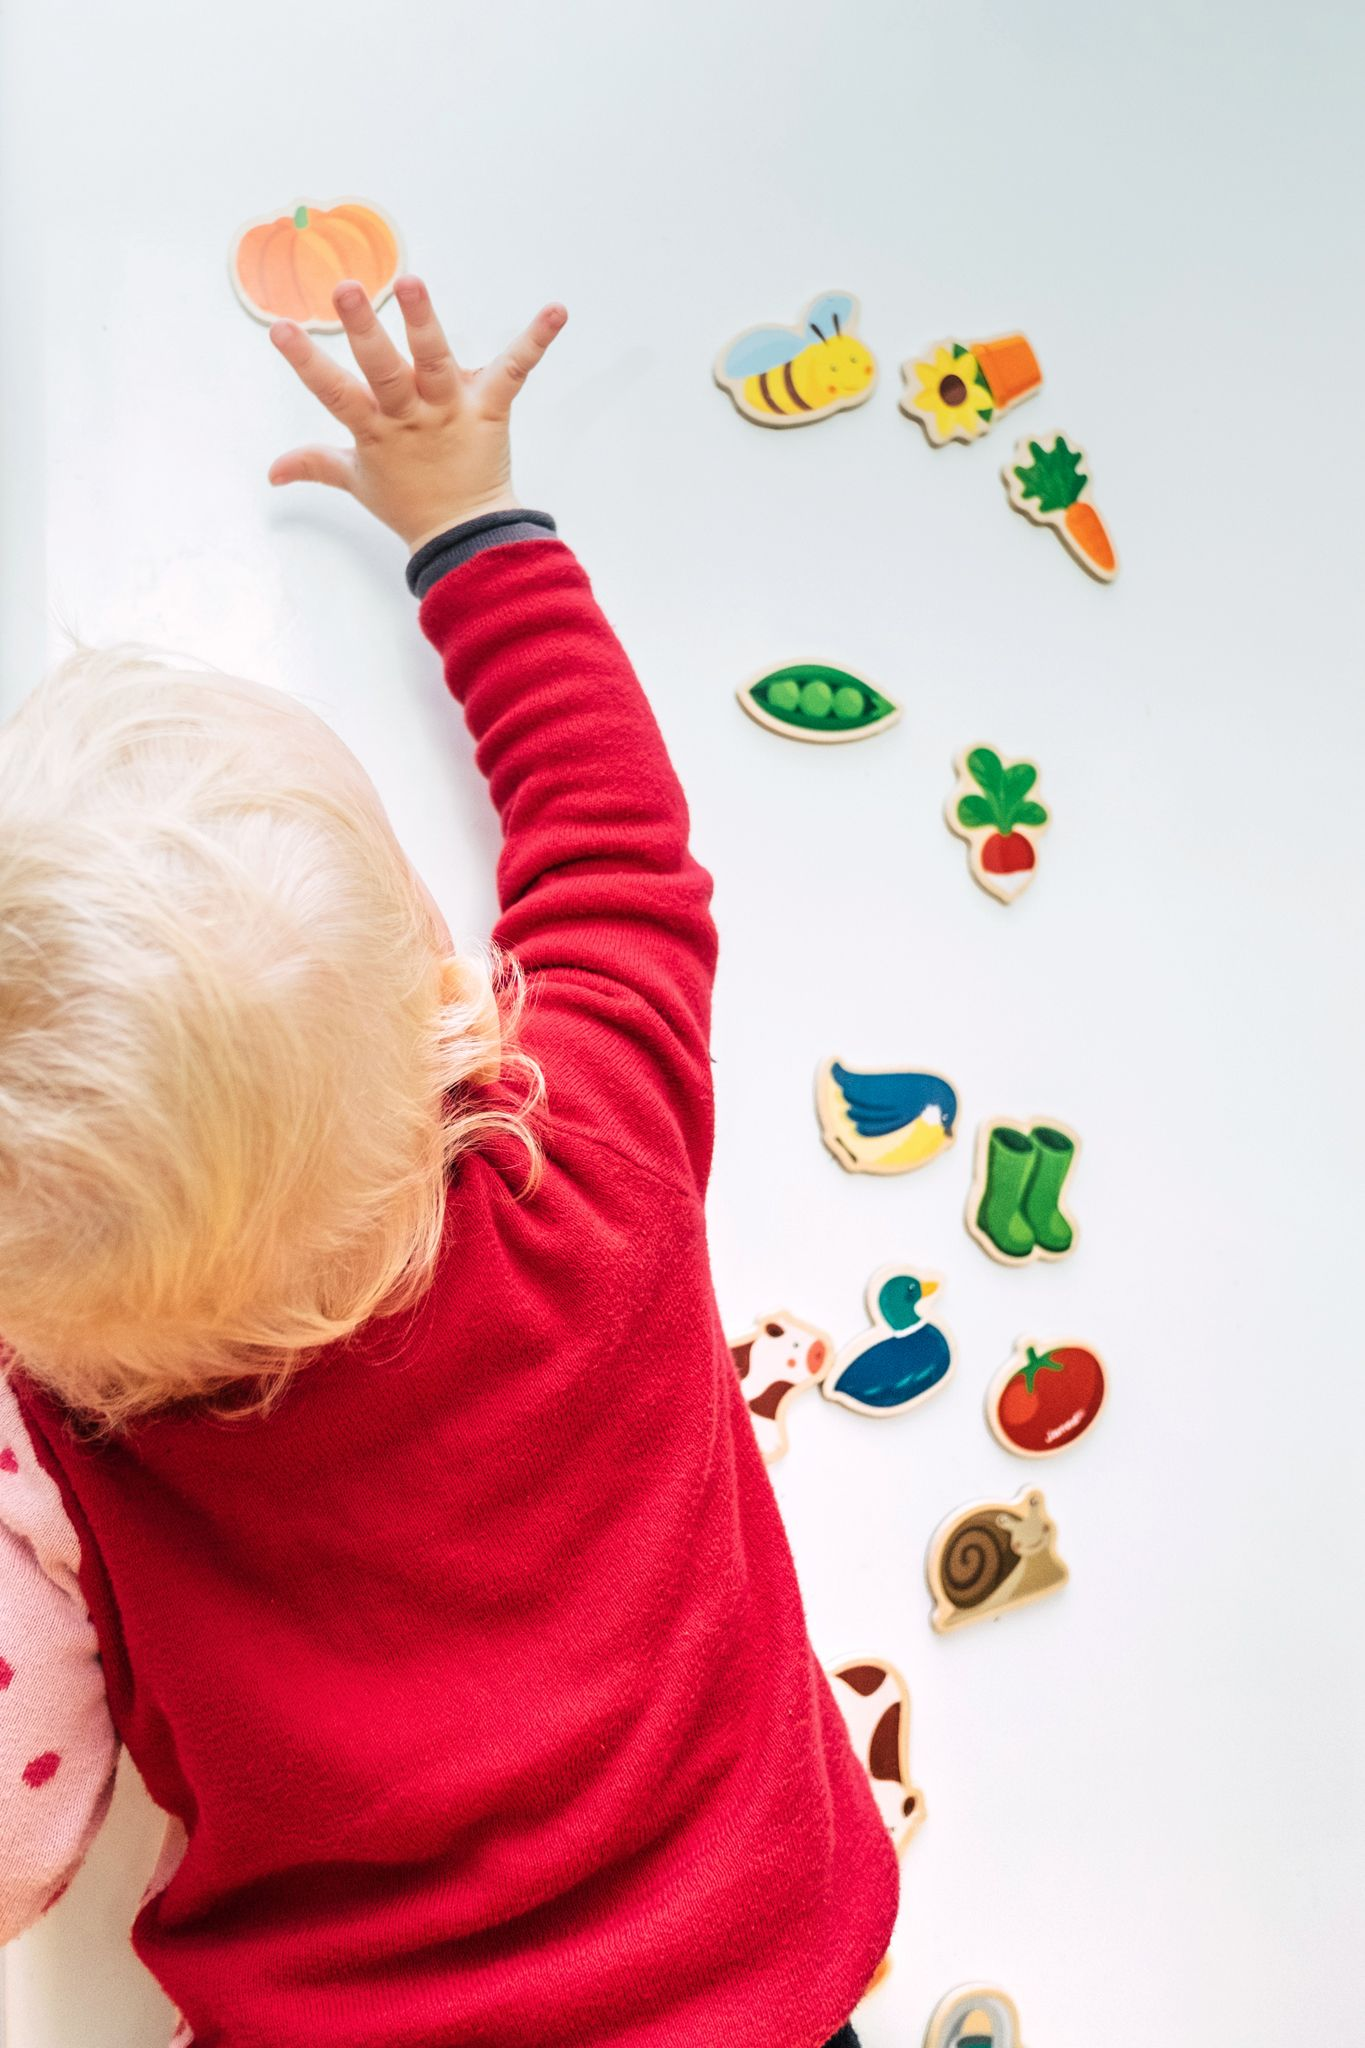 Montessori Geschenke 10 Ideen Ab 1 Jahr The Krauts Geschenk Kind 2 Jahre Geschenke Fur Kleinkinder Geschenke Fur 1 Jahrige